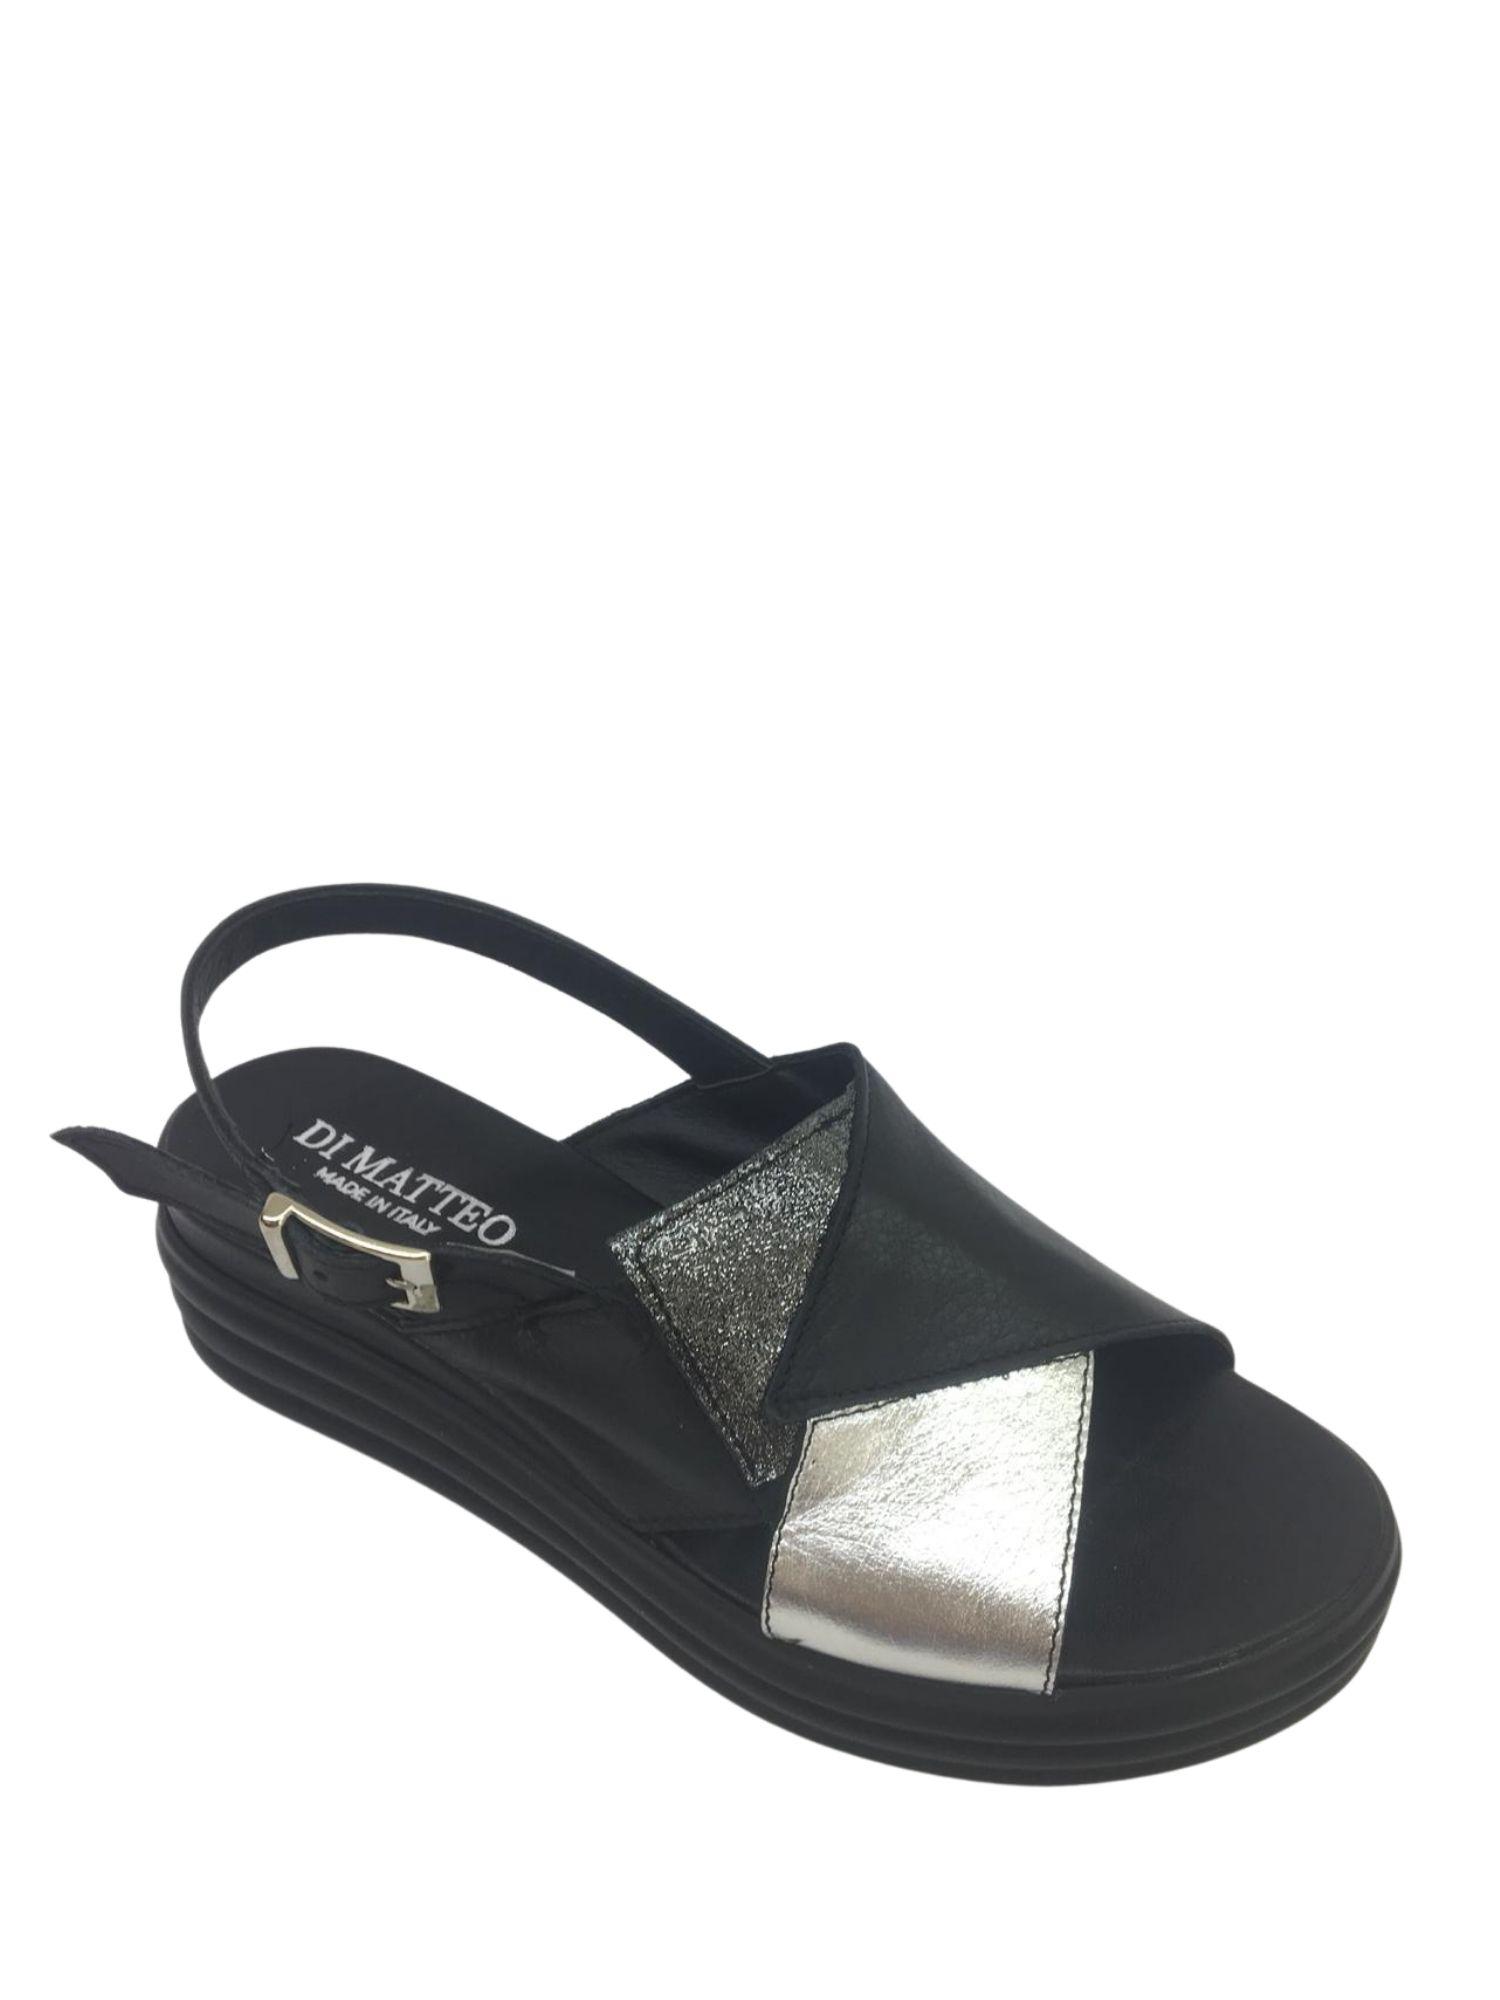 Sandalo Made in Italy 409 Nero alto 2